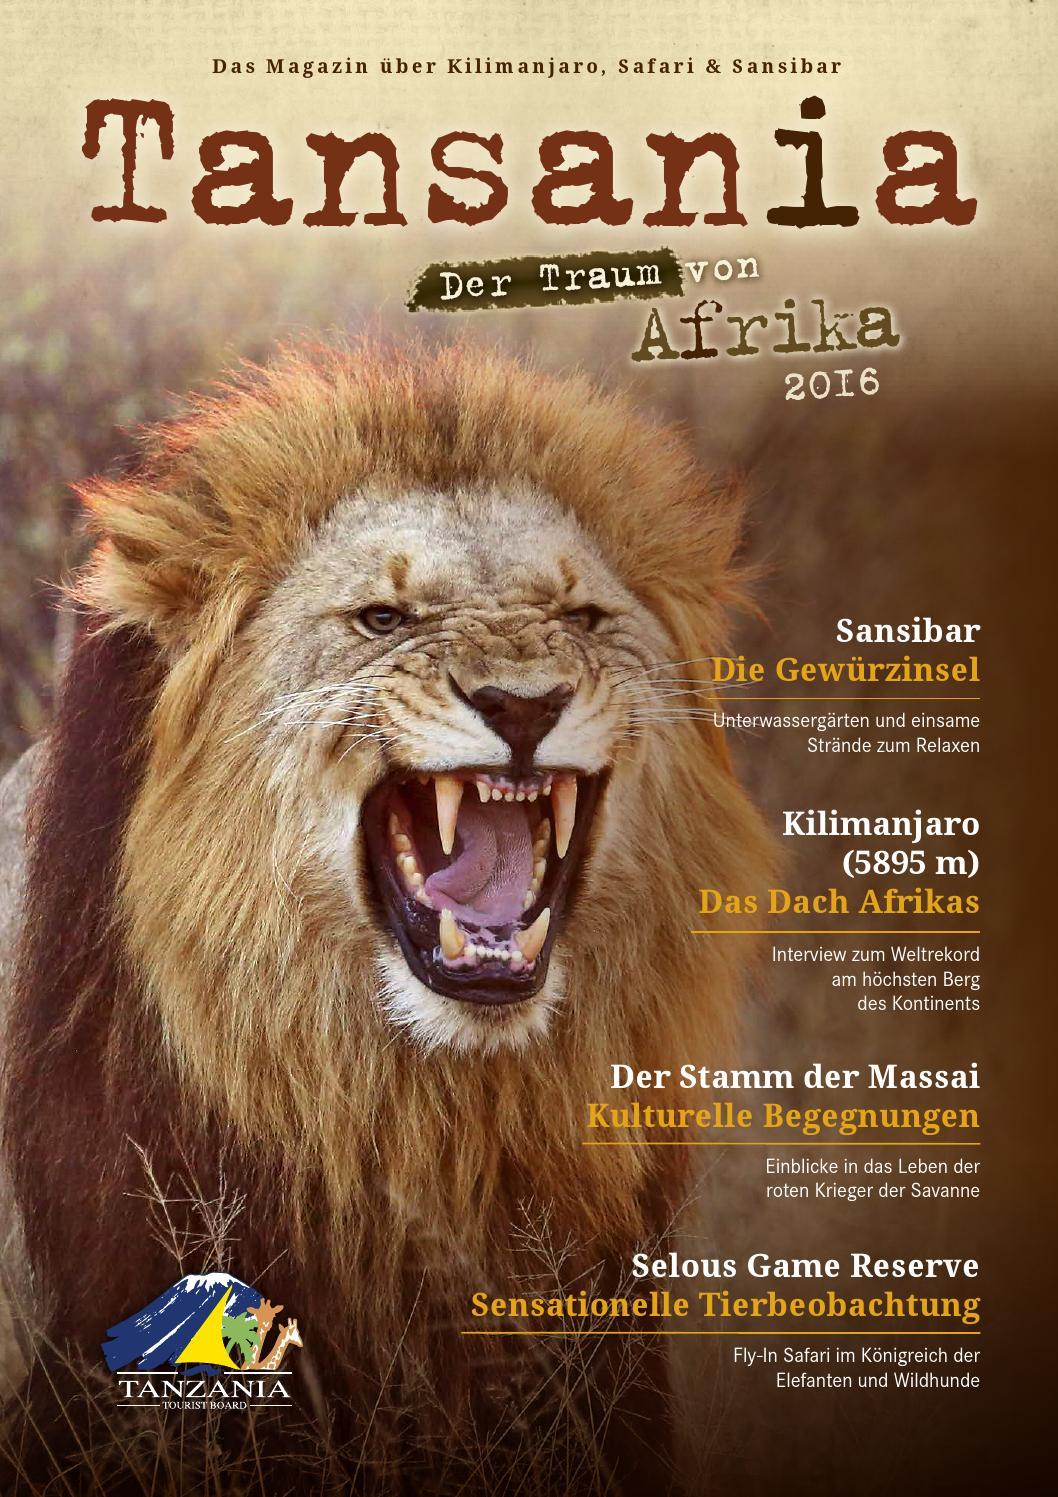 Tansania Magazin 2016 By 7o7 Marketing - Issuu Leichte Schritte Veranda Erfrischen